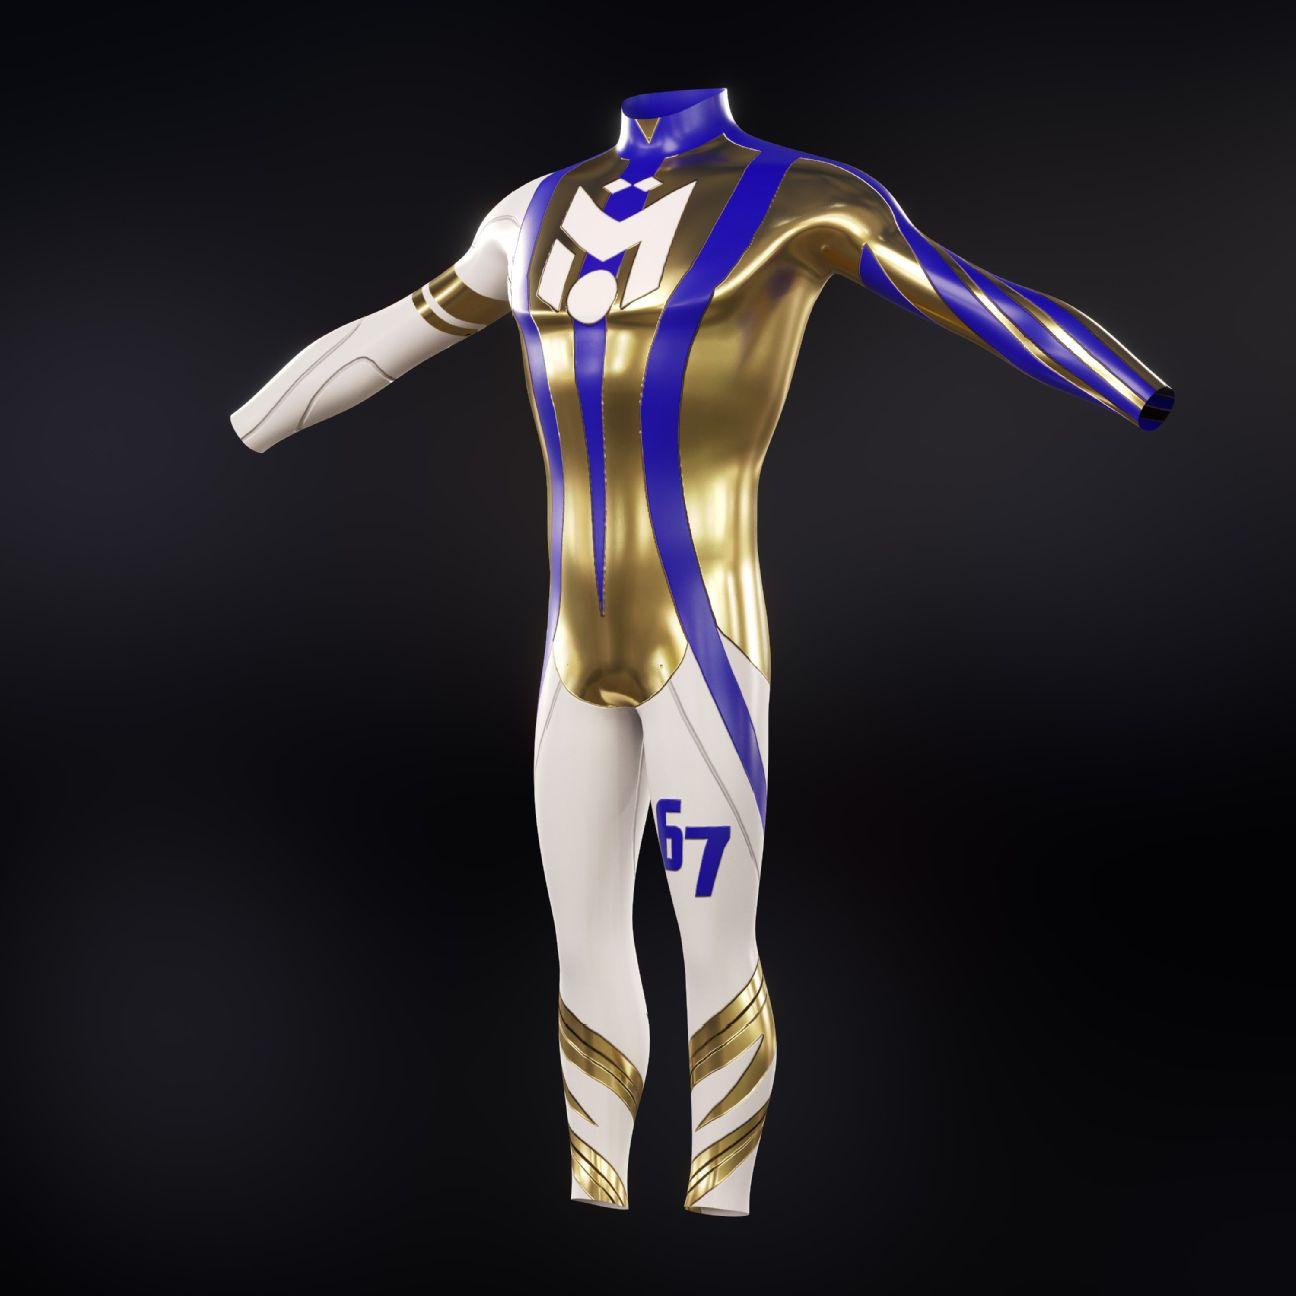 La gamme de vêtements personnalisés numériques d'Ozil comprend un kit de football doré et des chaussures pour que les fans puissent personnaliser leurs avatars en ligne